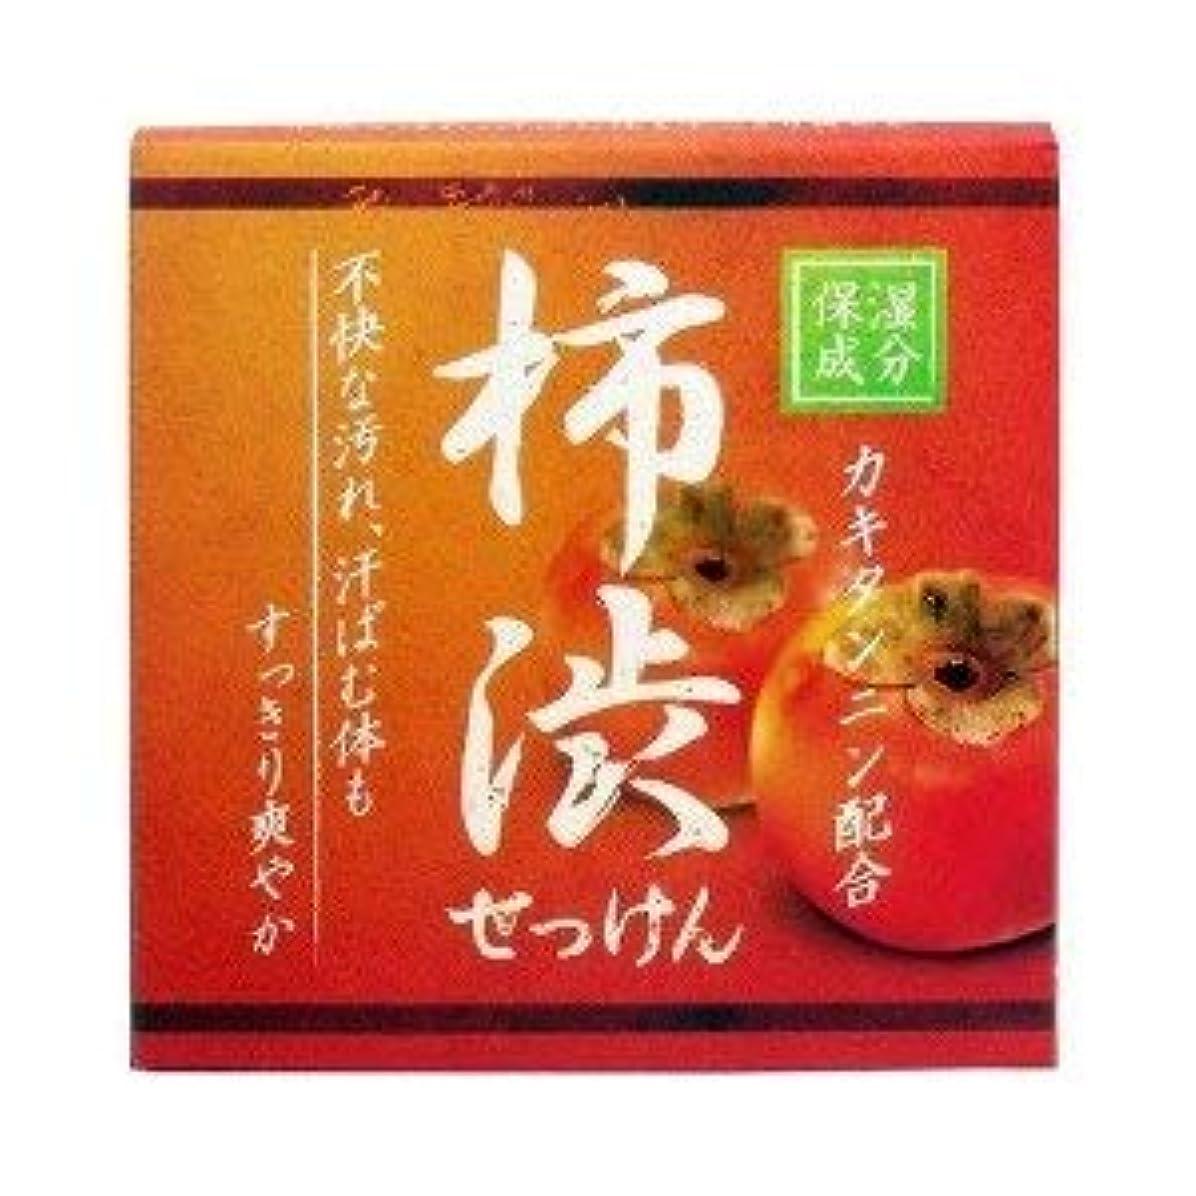 リード適性側溝柿渋配合せっけん カキタンニン配合保湿成分 80g×2 2個1セット 石鹸